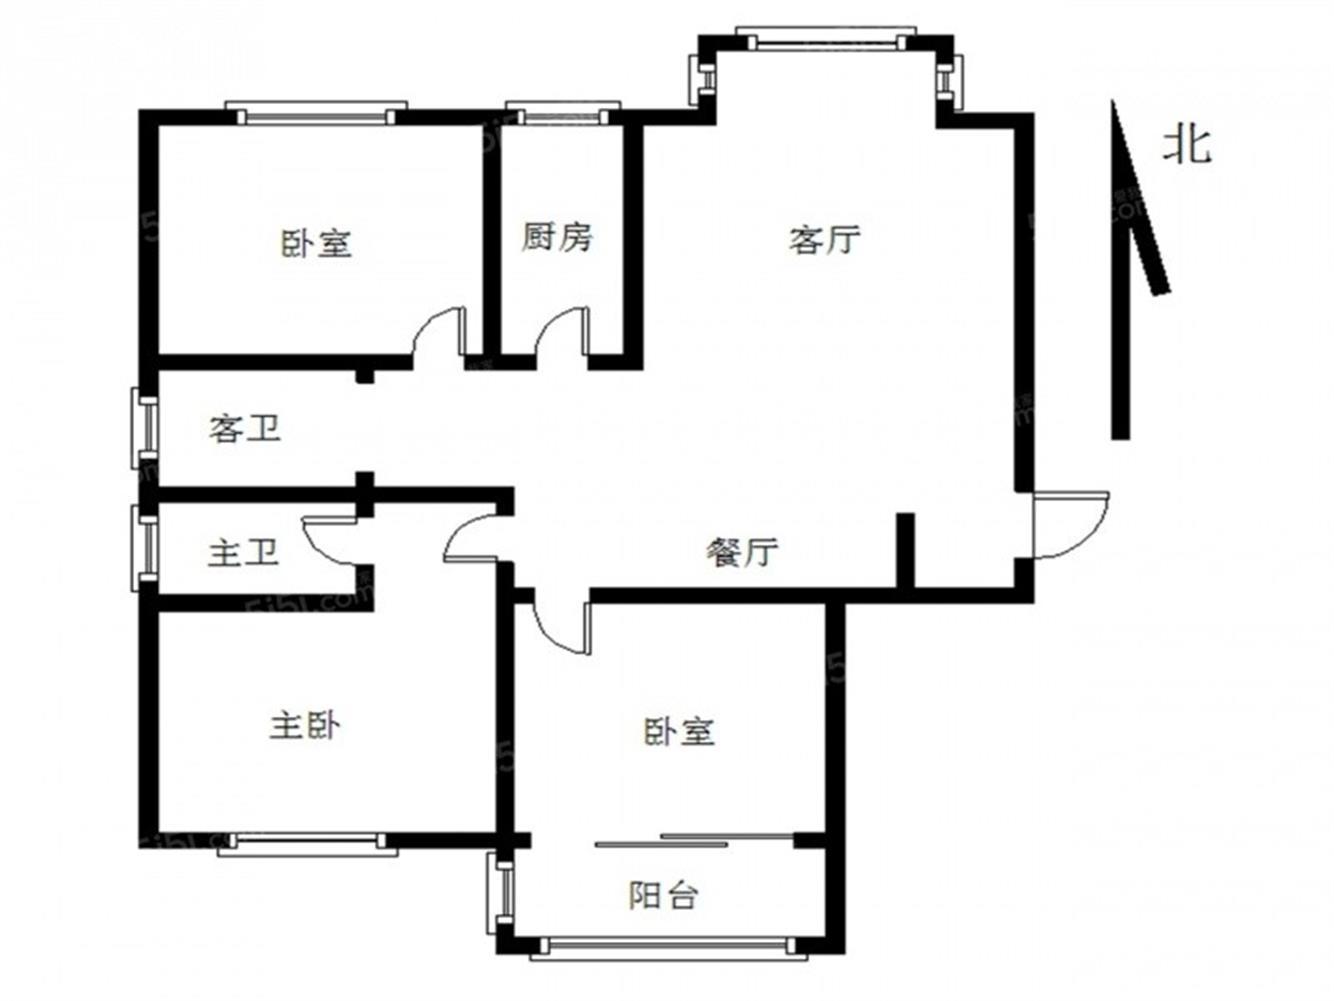 江宁区东山街道华意泰富花苑3室2厅户型图